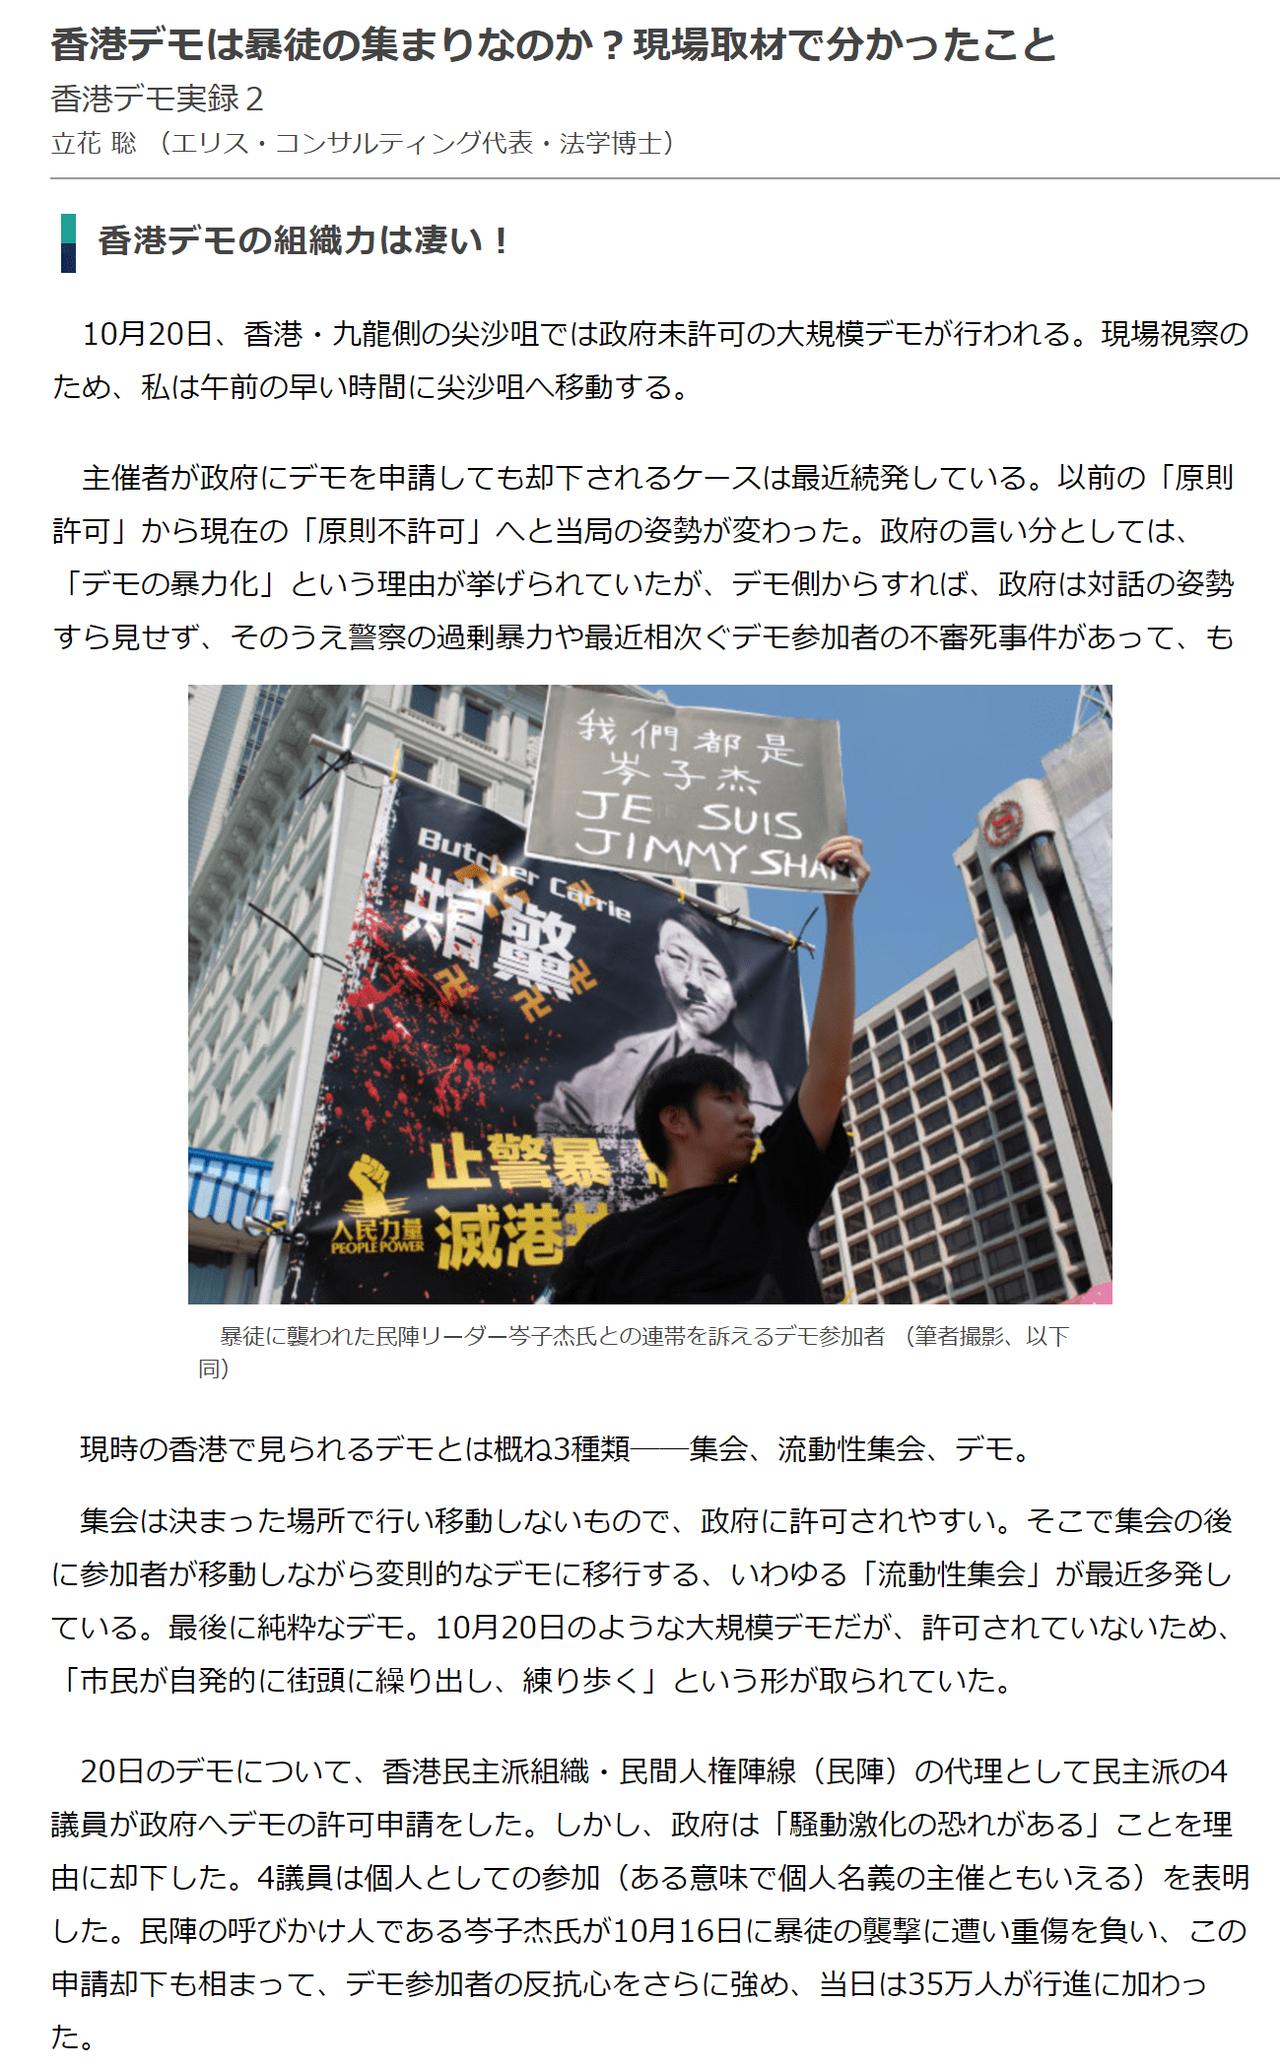 香港デモは暴徒の集まりなのか?現場取材で分かったこと1